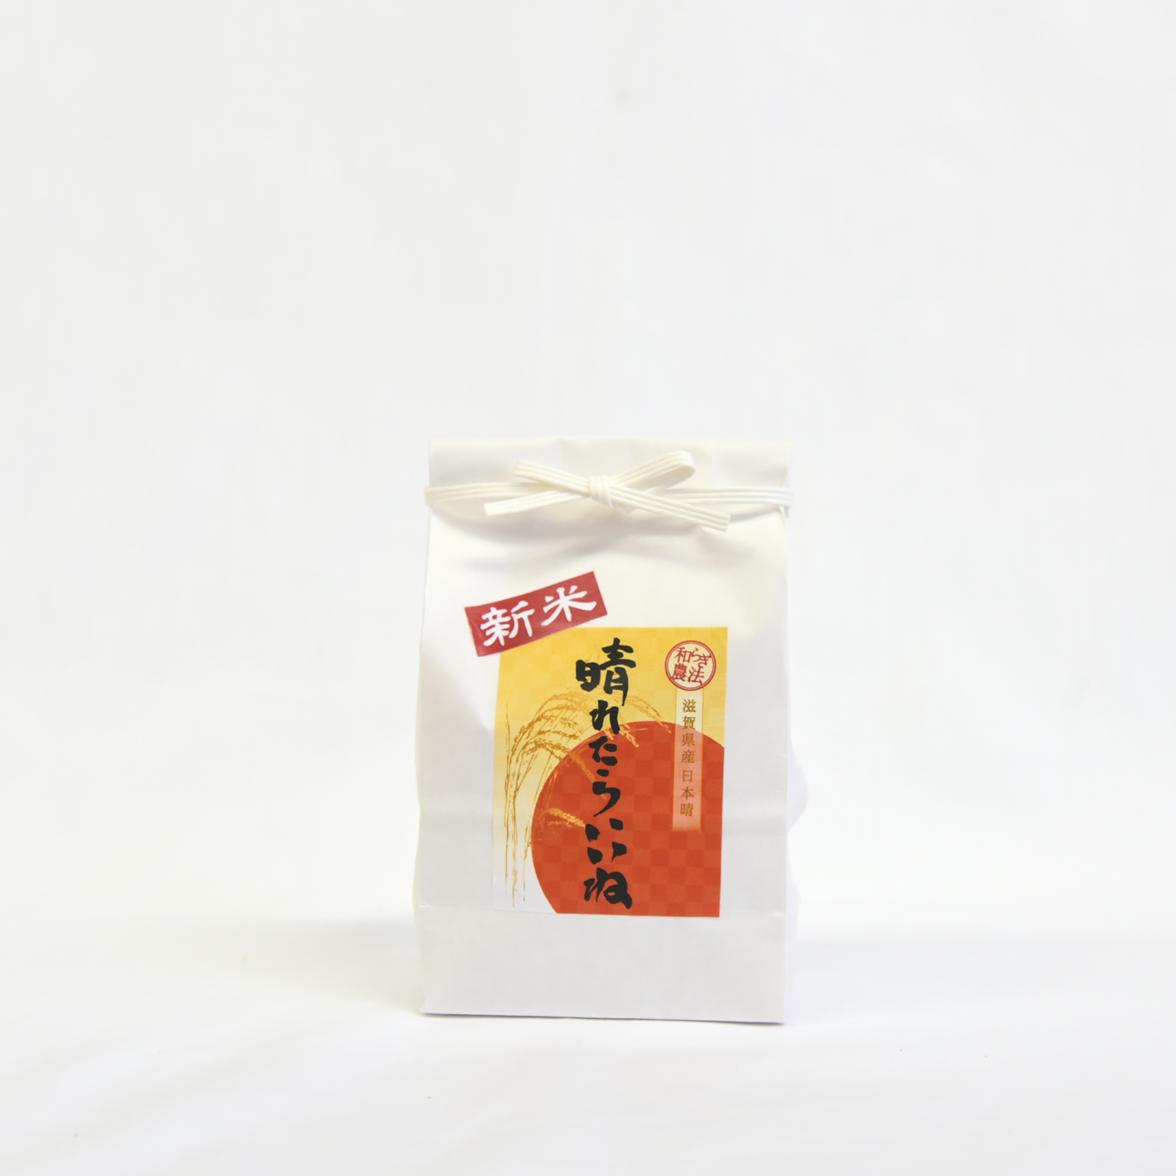 日本晴 投入7日目